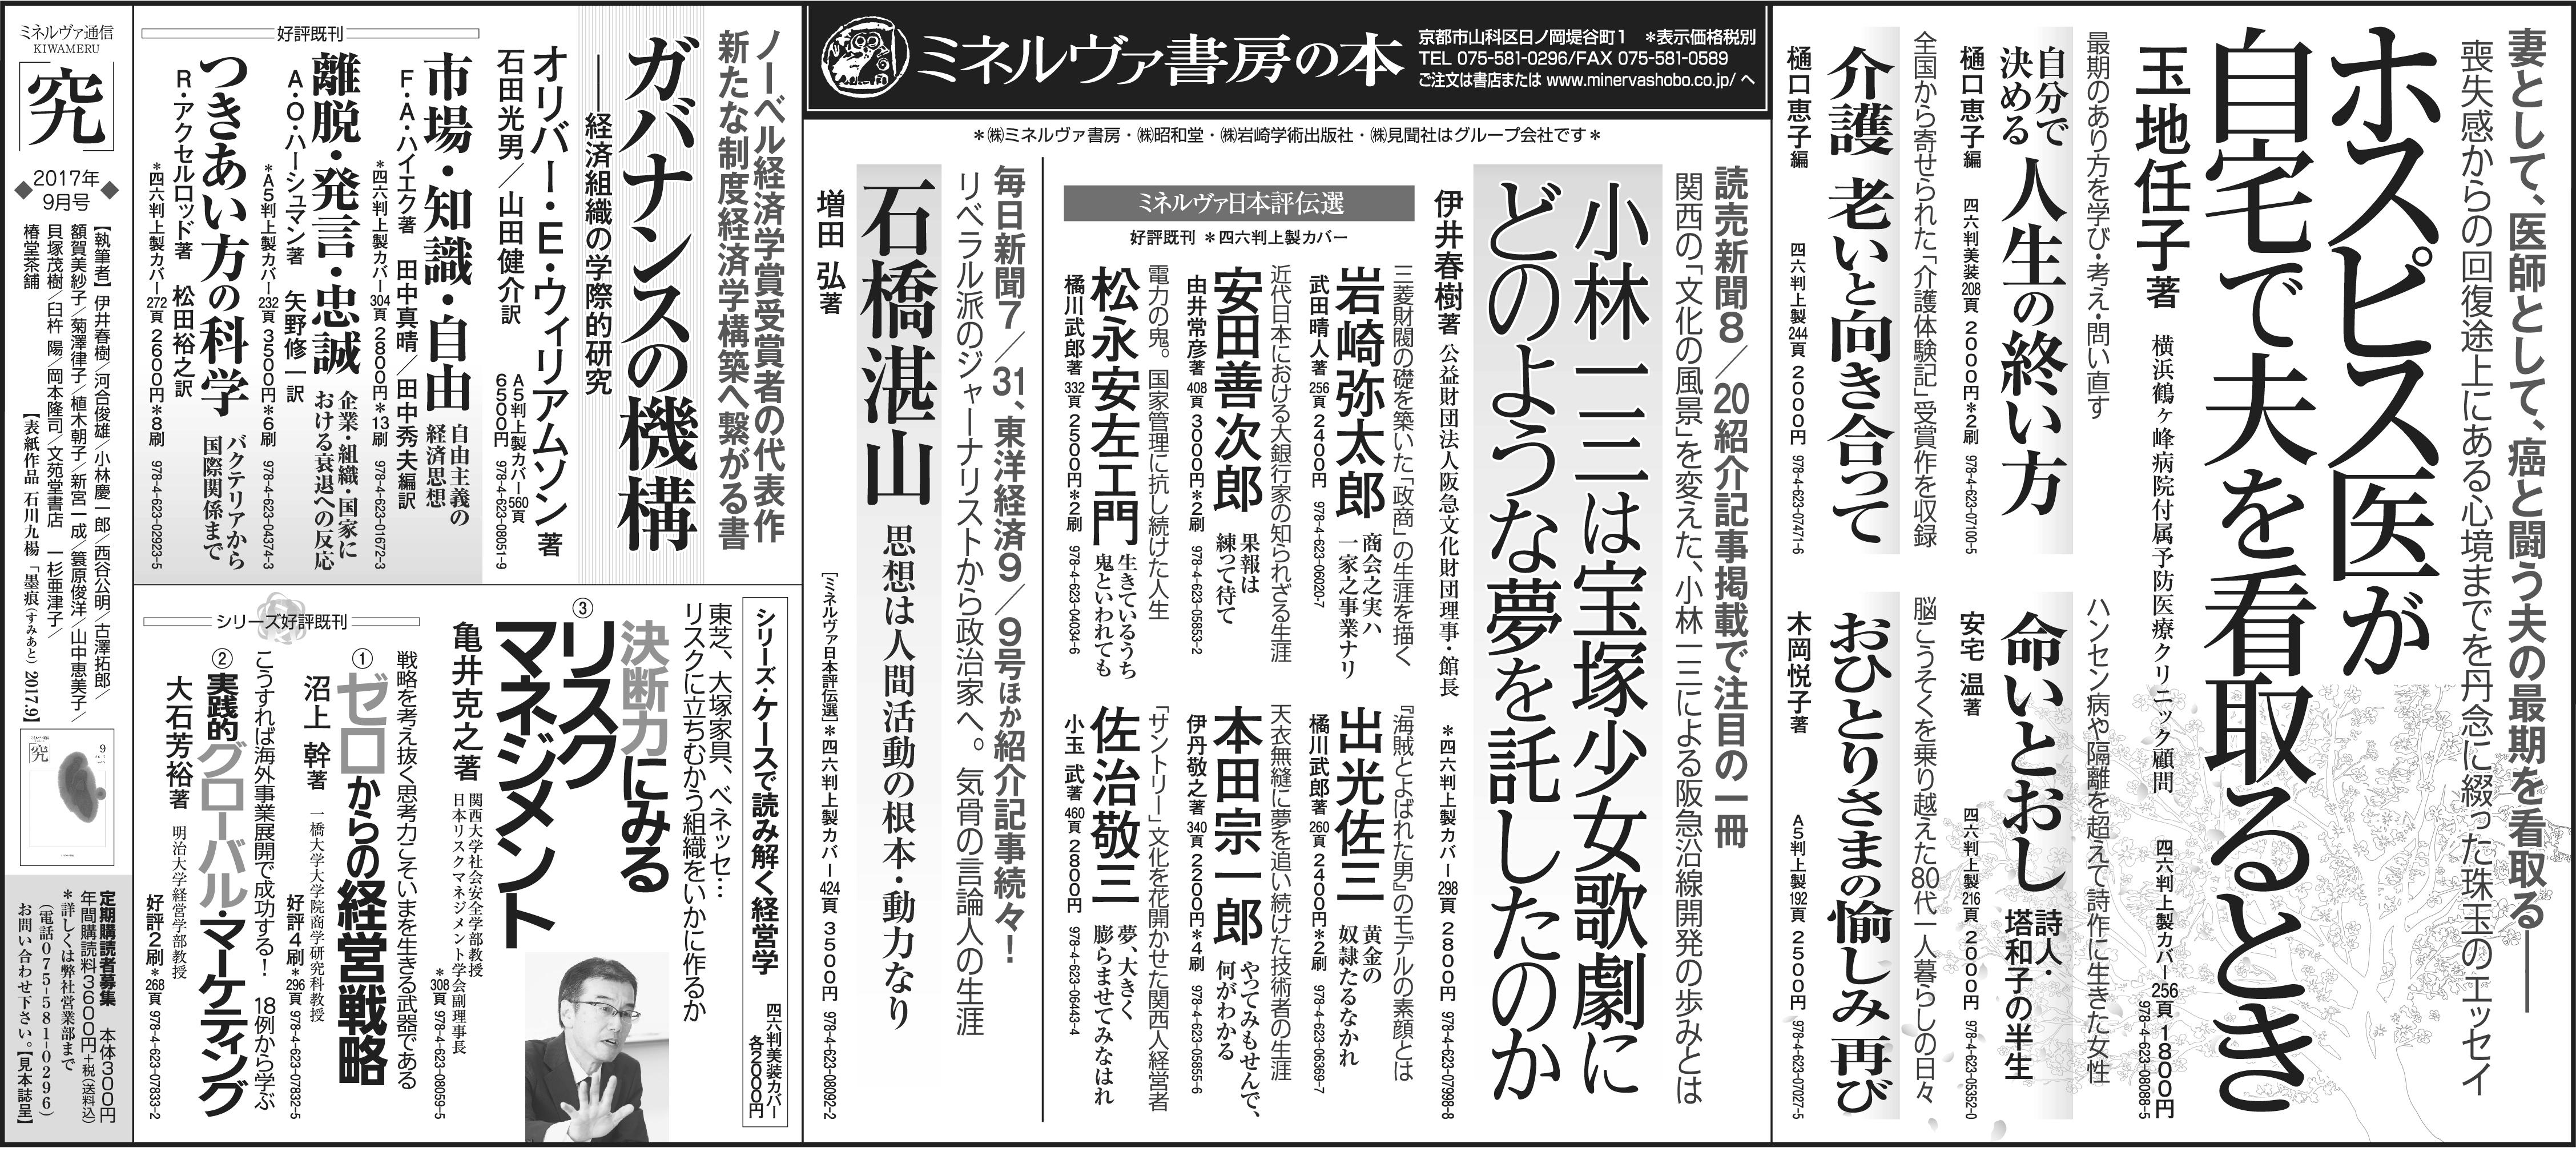 朝日新聞2017年9月10日(読書面)全5段広告